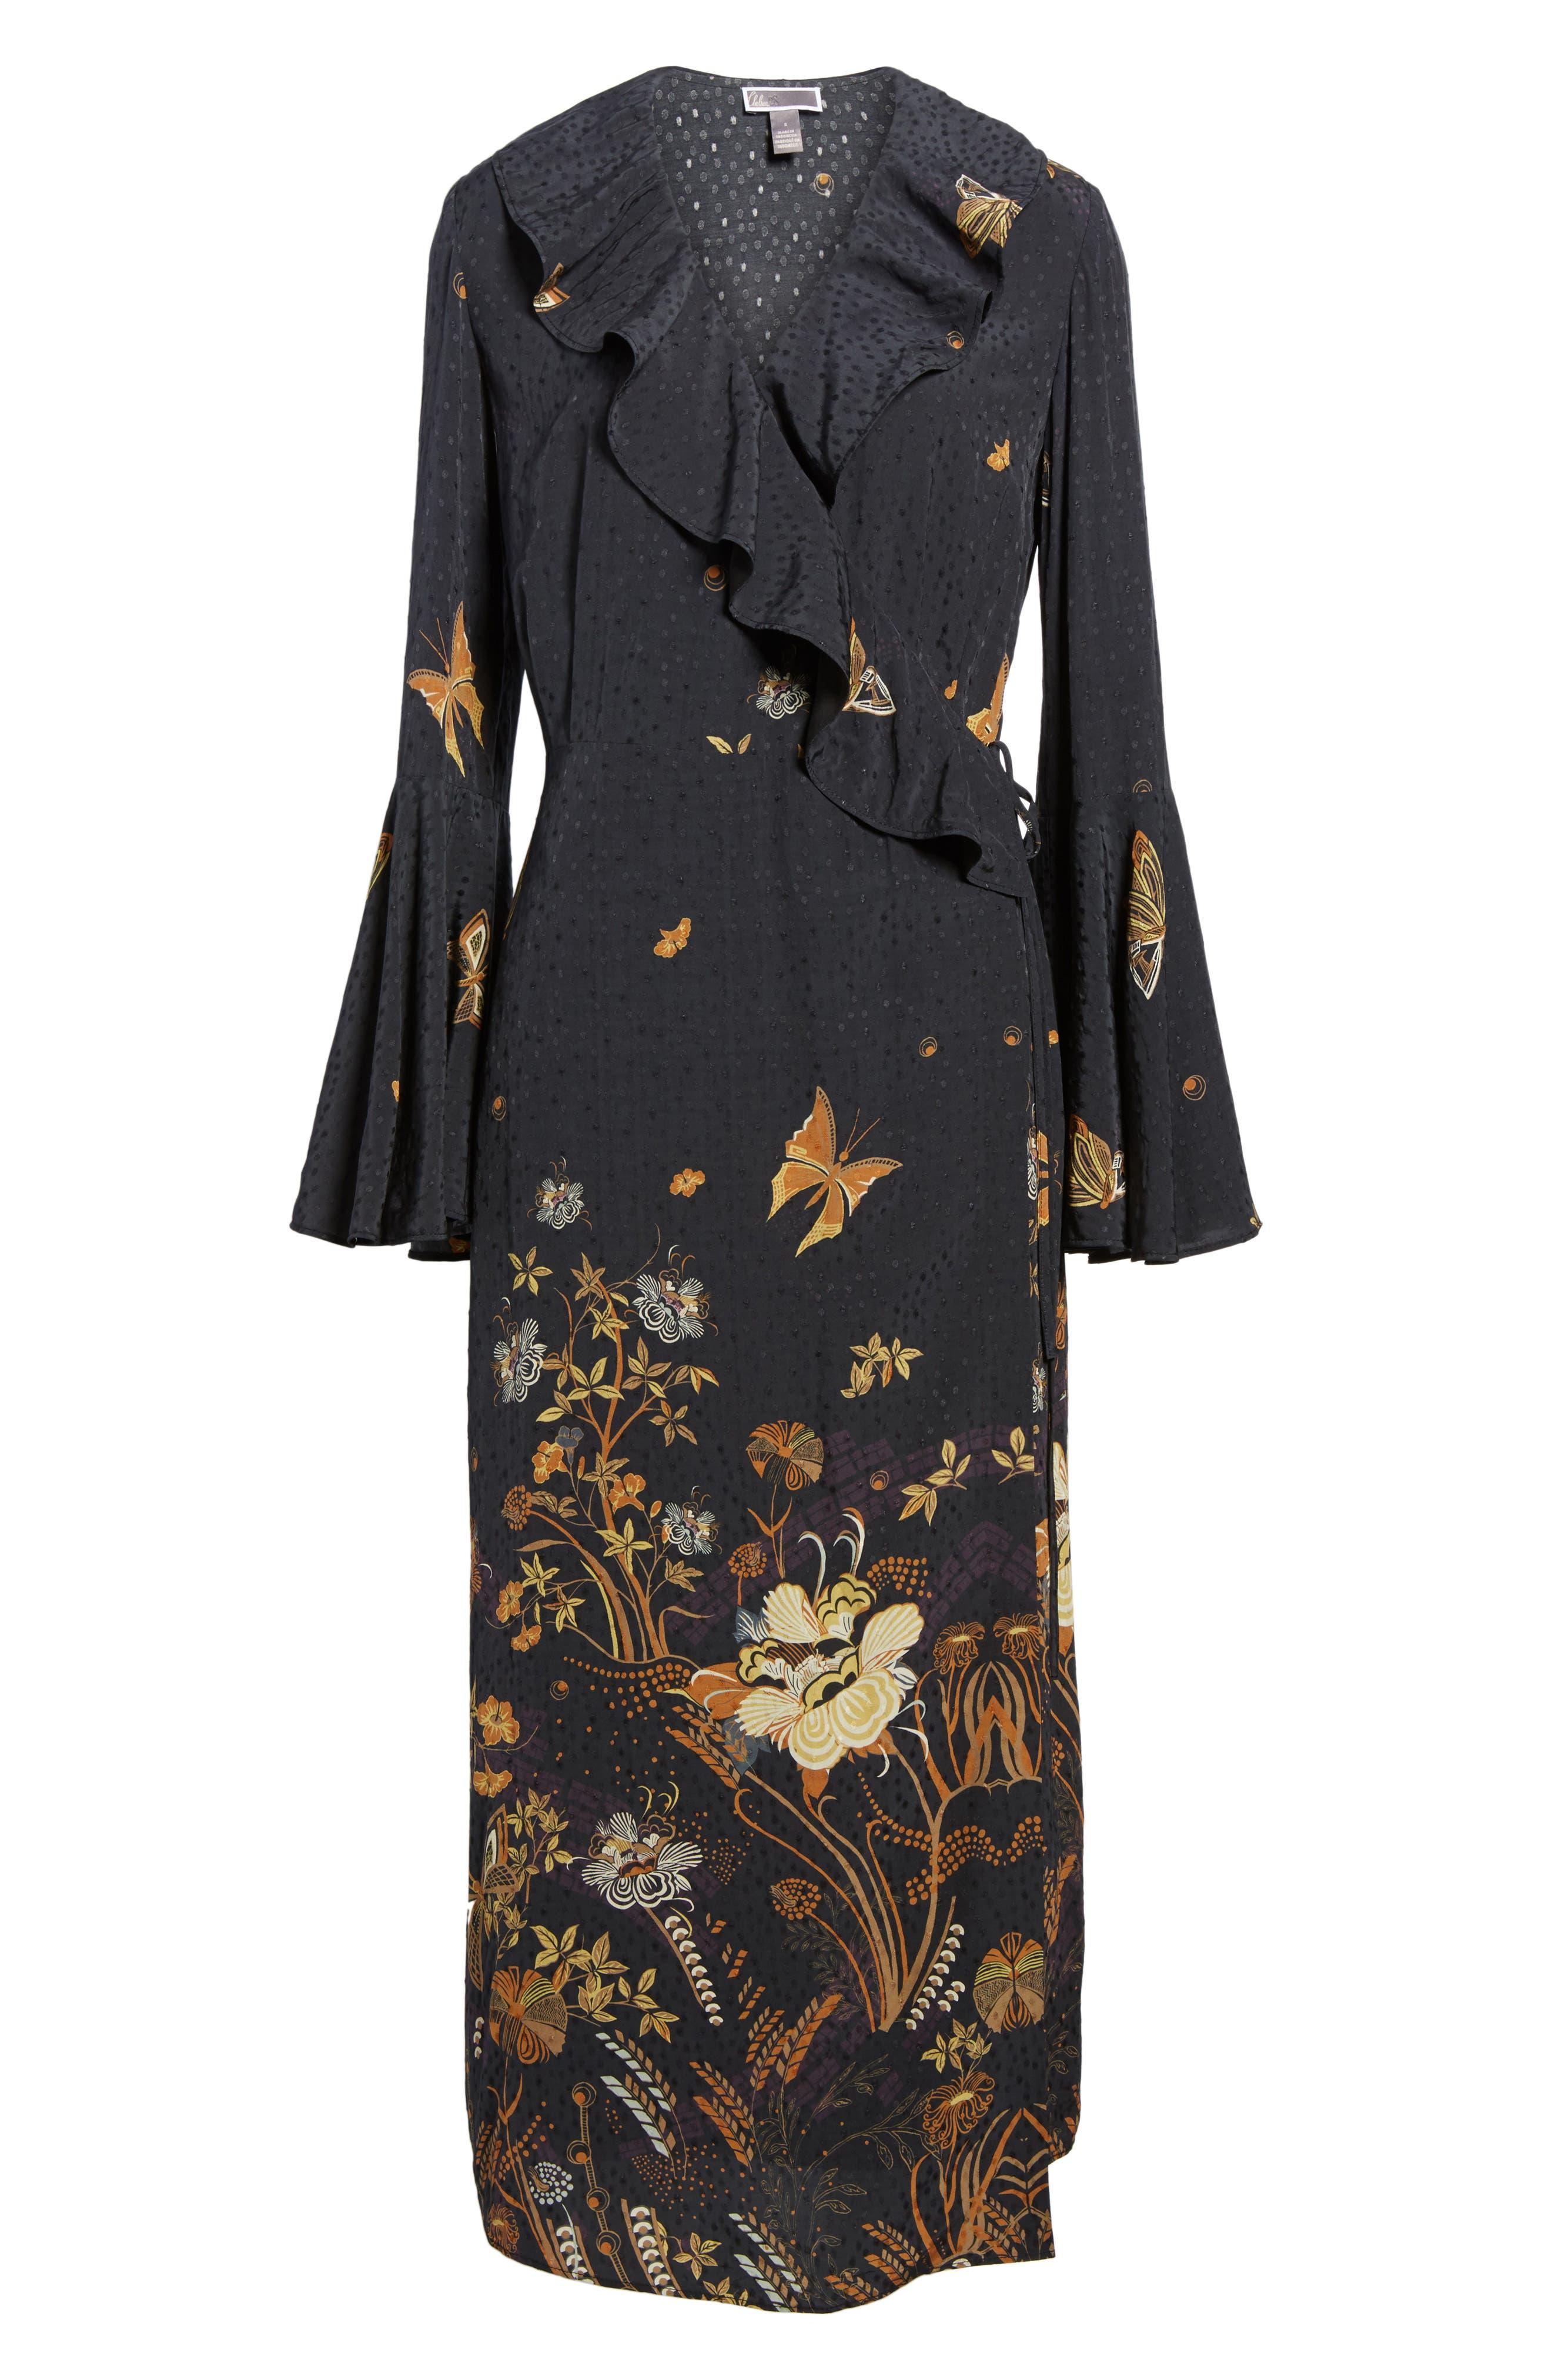 Jacquard Midi Wrap Dress,                             Alternate thumbnail 6, color,                             Black Decorative Scenery Print